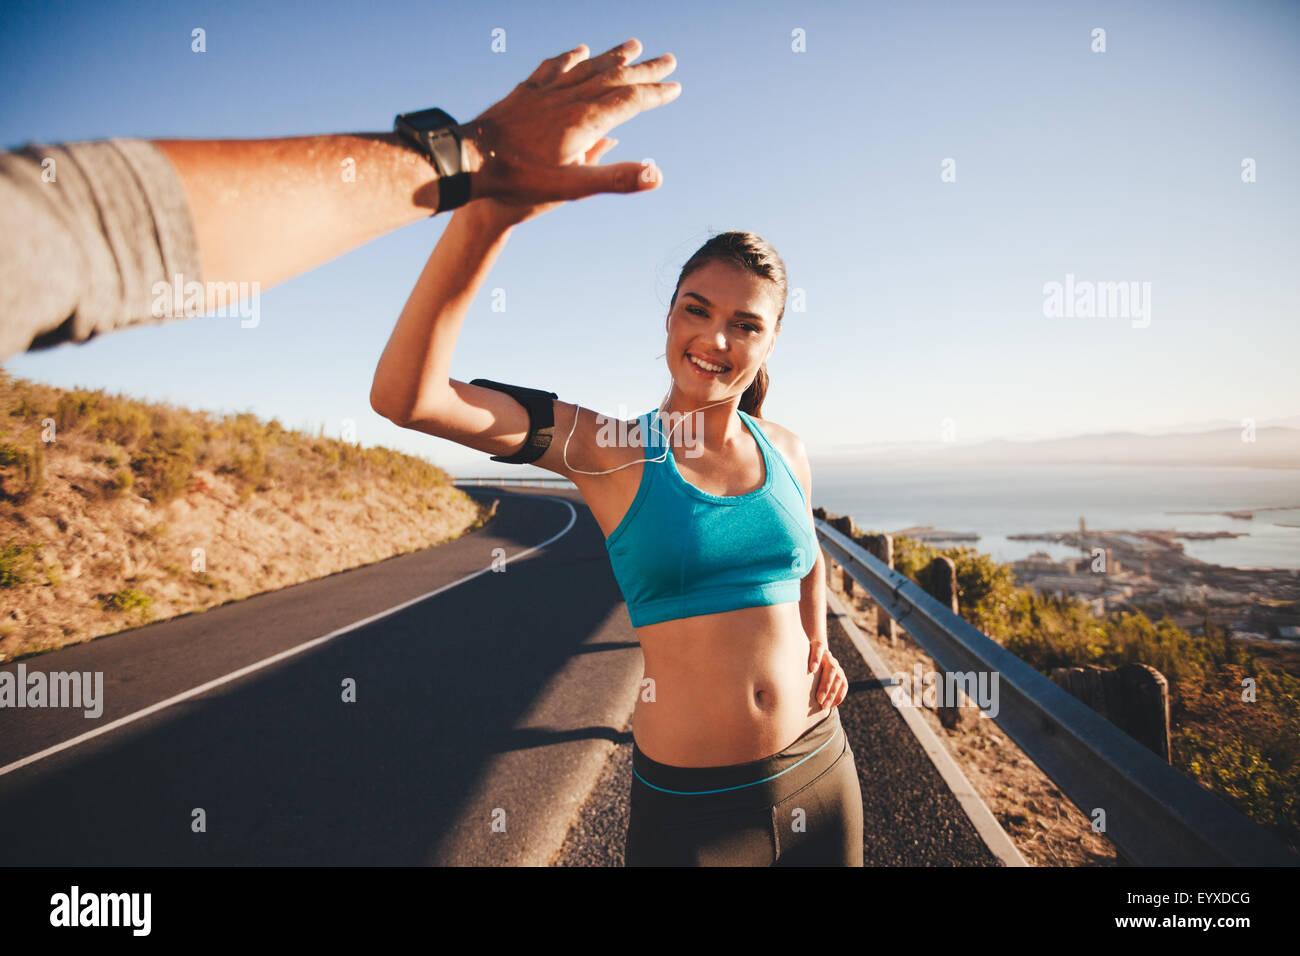 Junge Frau geben hohe fünf zu ihrem Freund nach einem Lauf zu passen. POV Aufnahme von paar hohe Fiving auf Stockbild